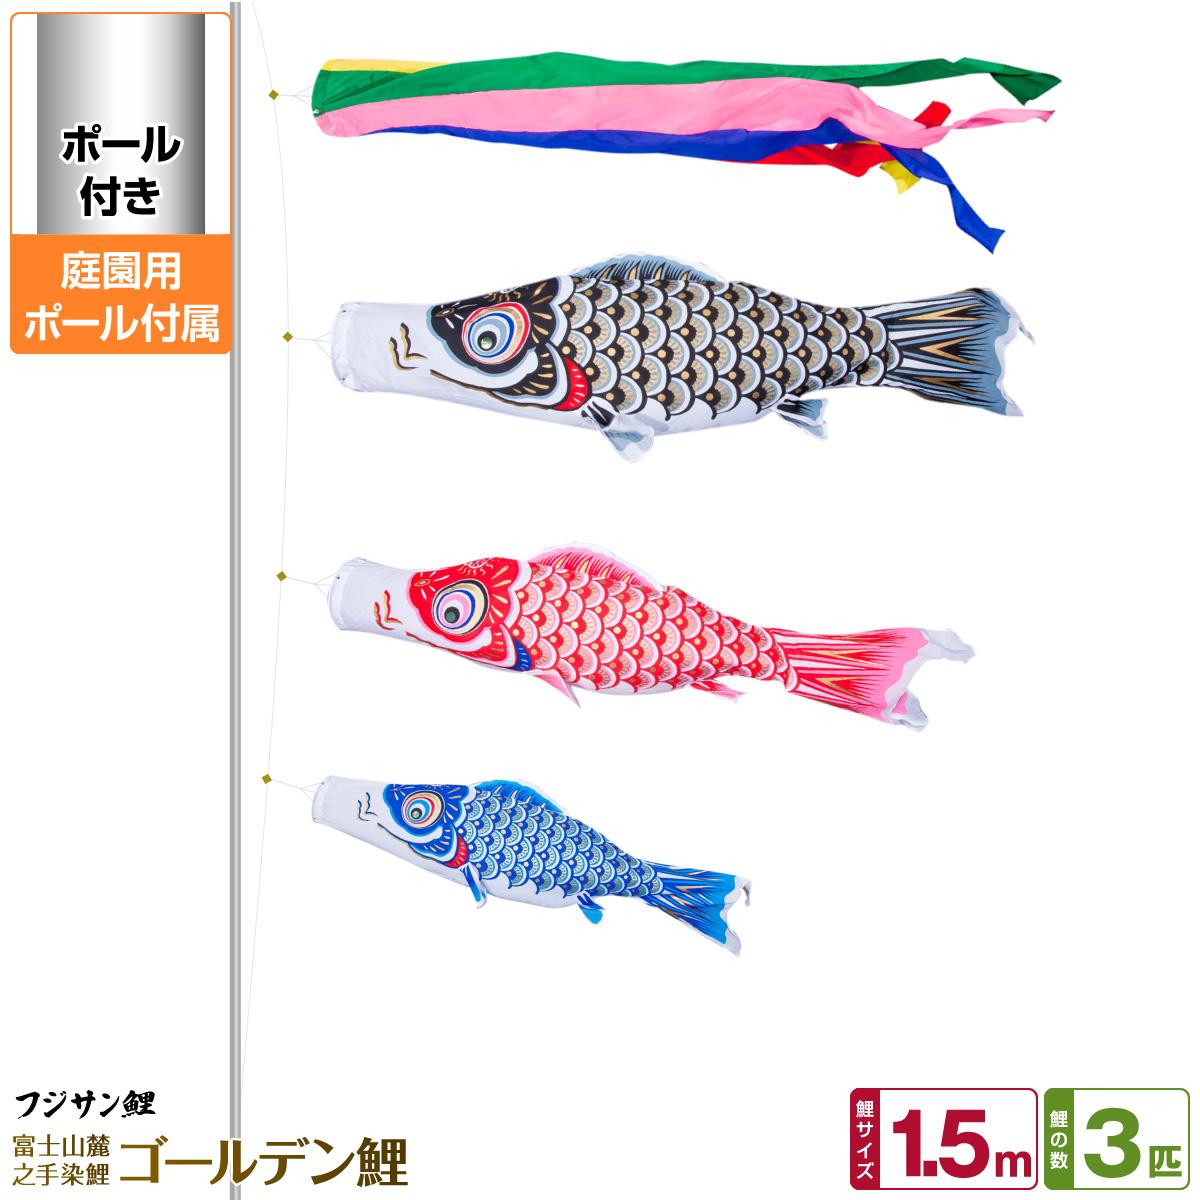 庭園用 こいのぼり 鯉のぼり フジサン鯉 ゴールデン鯉 1.5m 6点セット(吹流し+鯉3匹+矢車+ロープ) 庭園 ポール付属 ガーデンセット